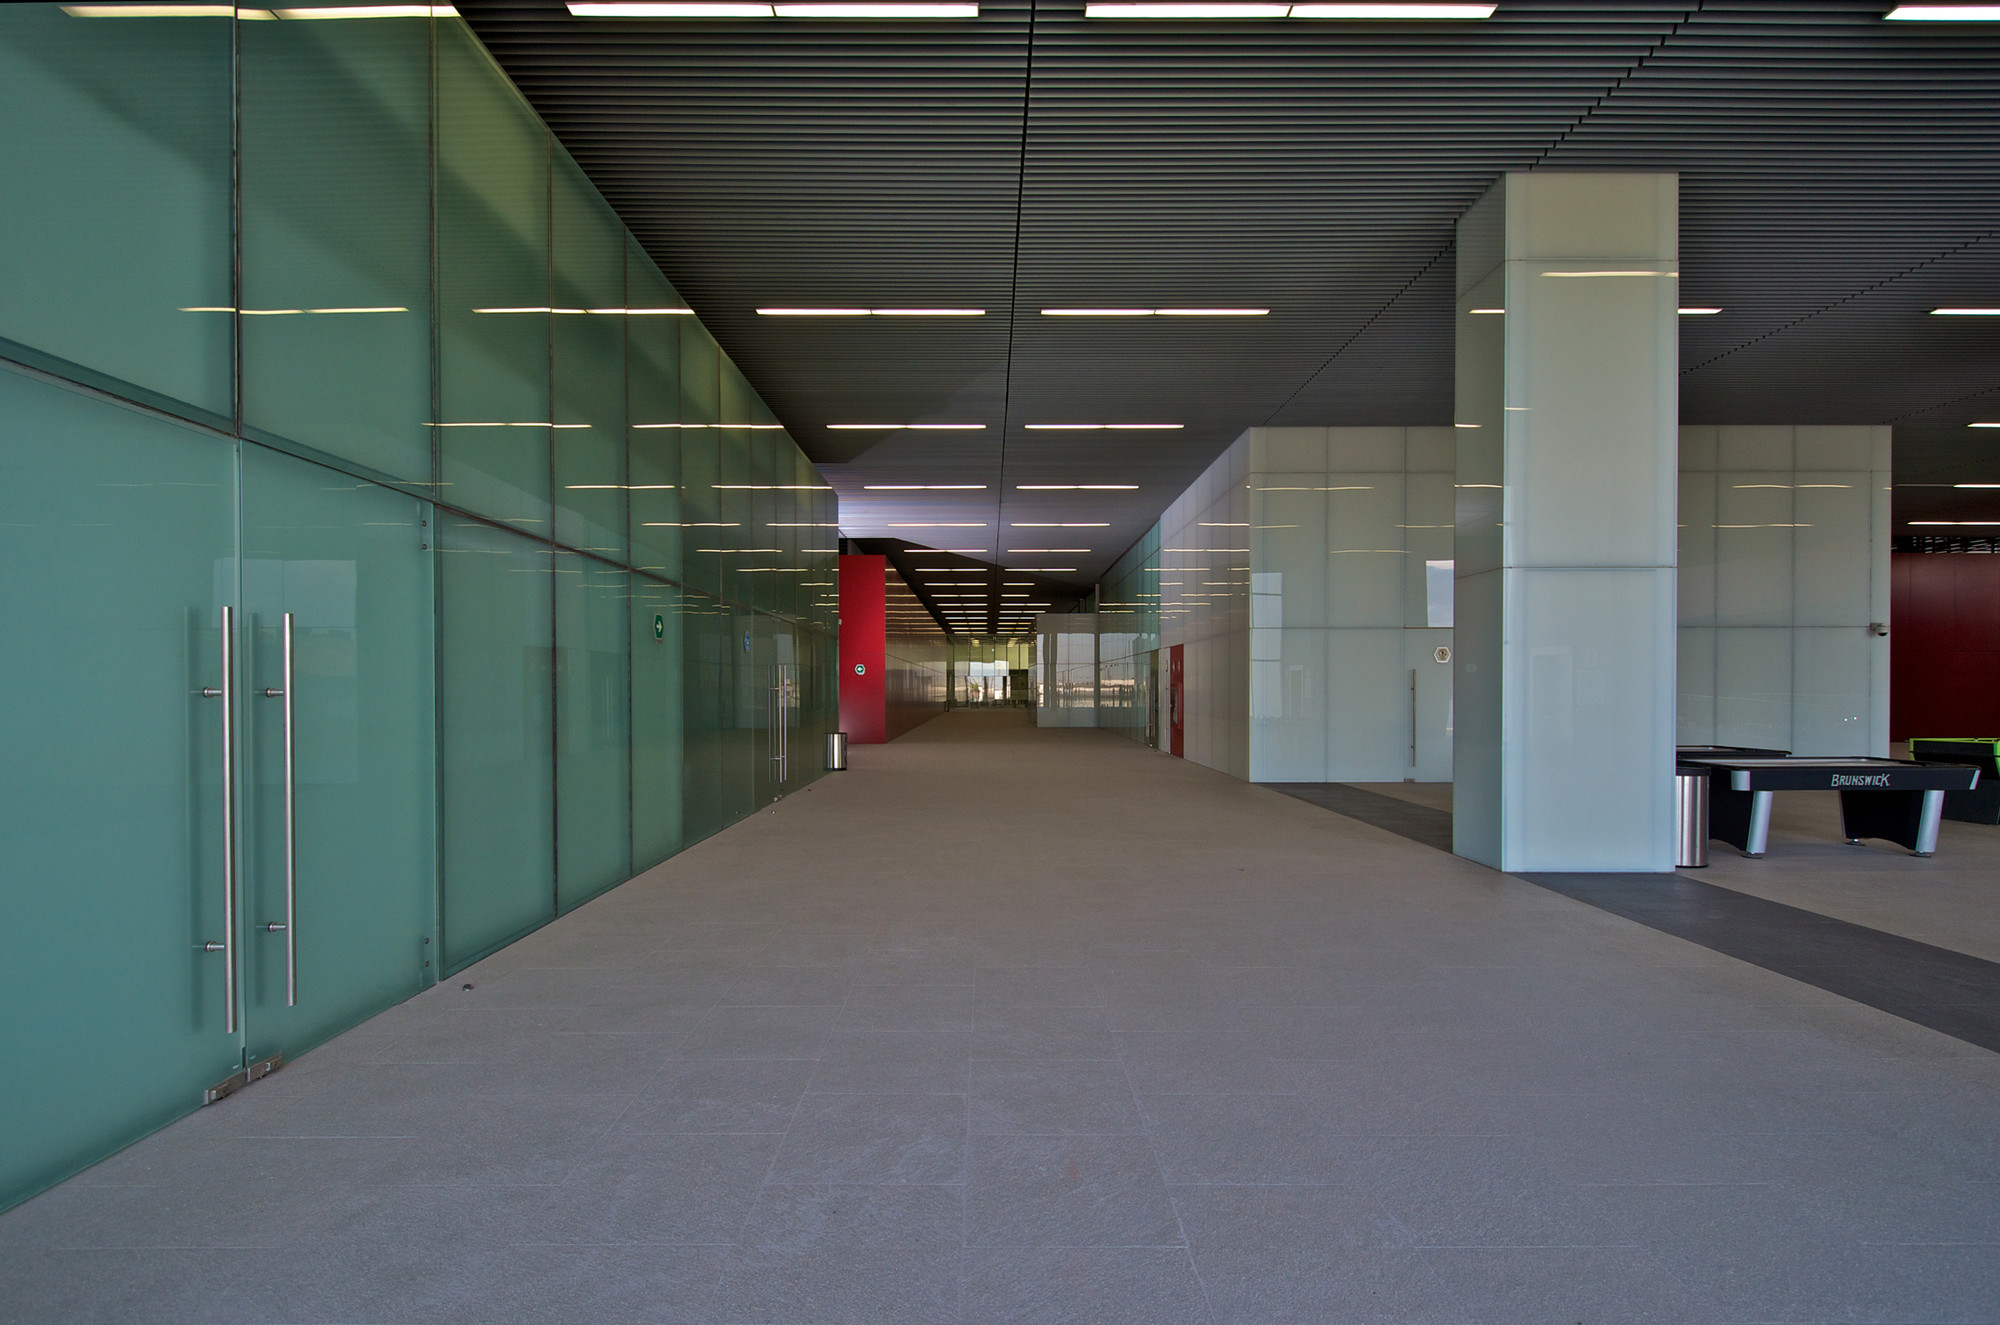 Banorte Building / LeNoir & Asoc. Estudio de Arquitectura